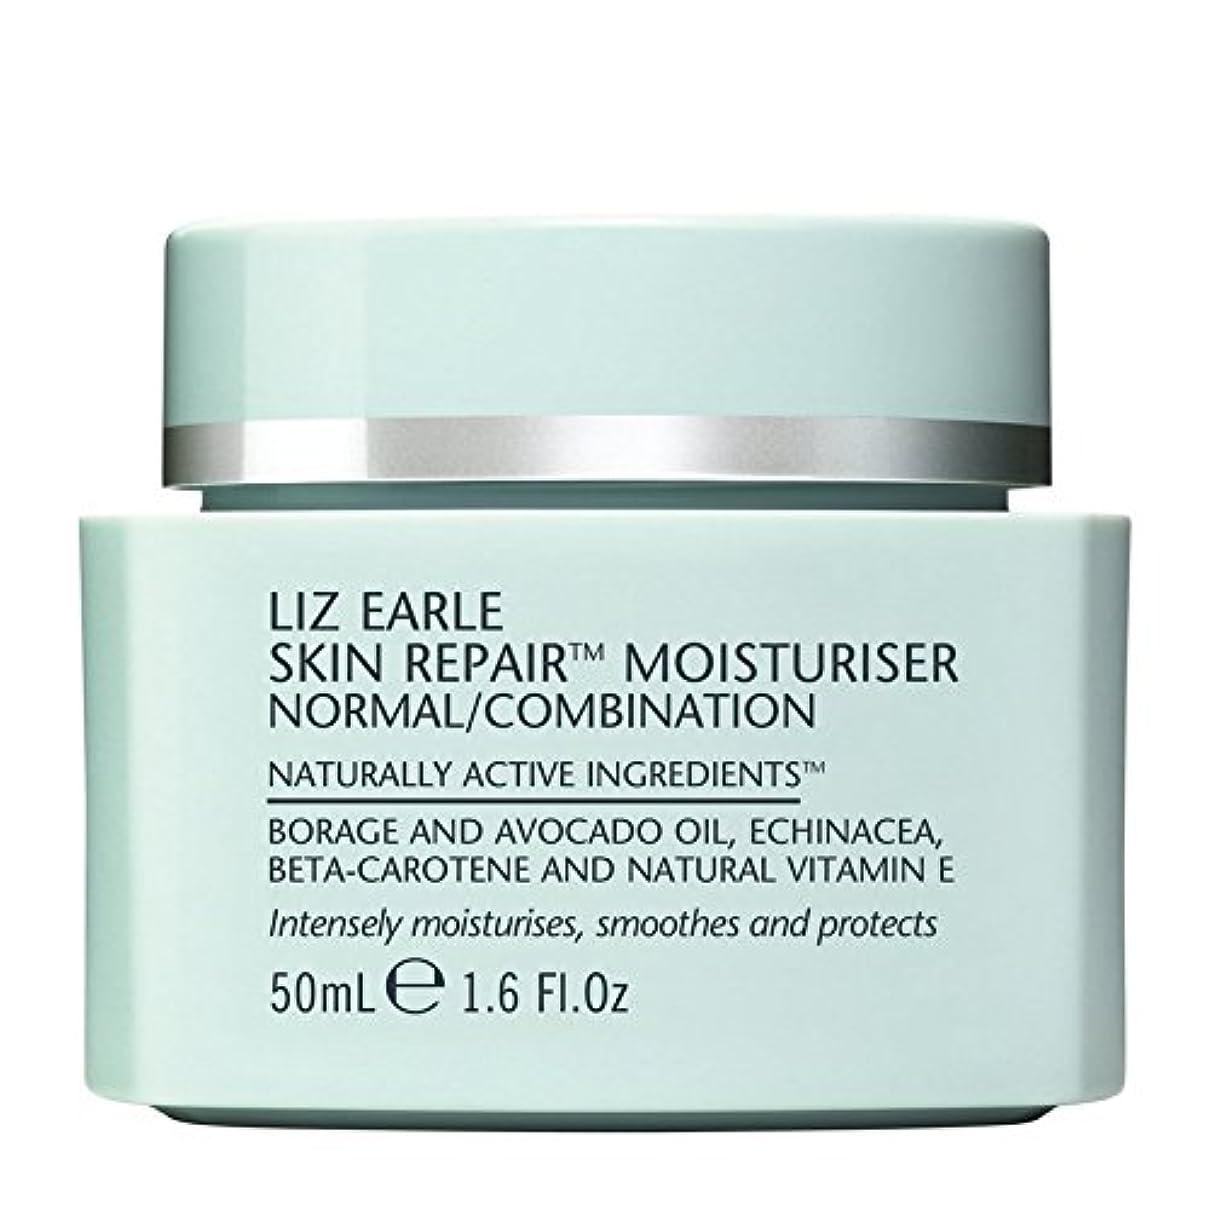 巡礼者リンス酸化物リズアールスキンリペアモイスチャライザーノーマル/コンビネーション50ミリリットル x4 - Liz Earle Skin Repair Moisturiser Normal/Combination 50ml (Pack...